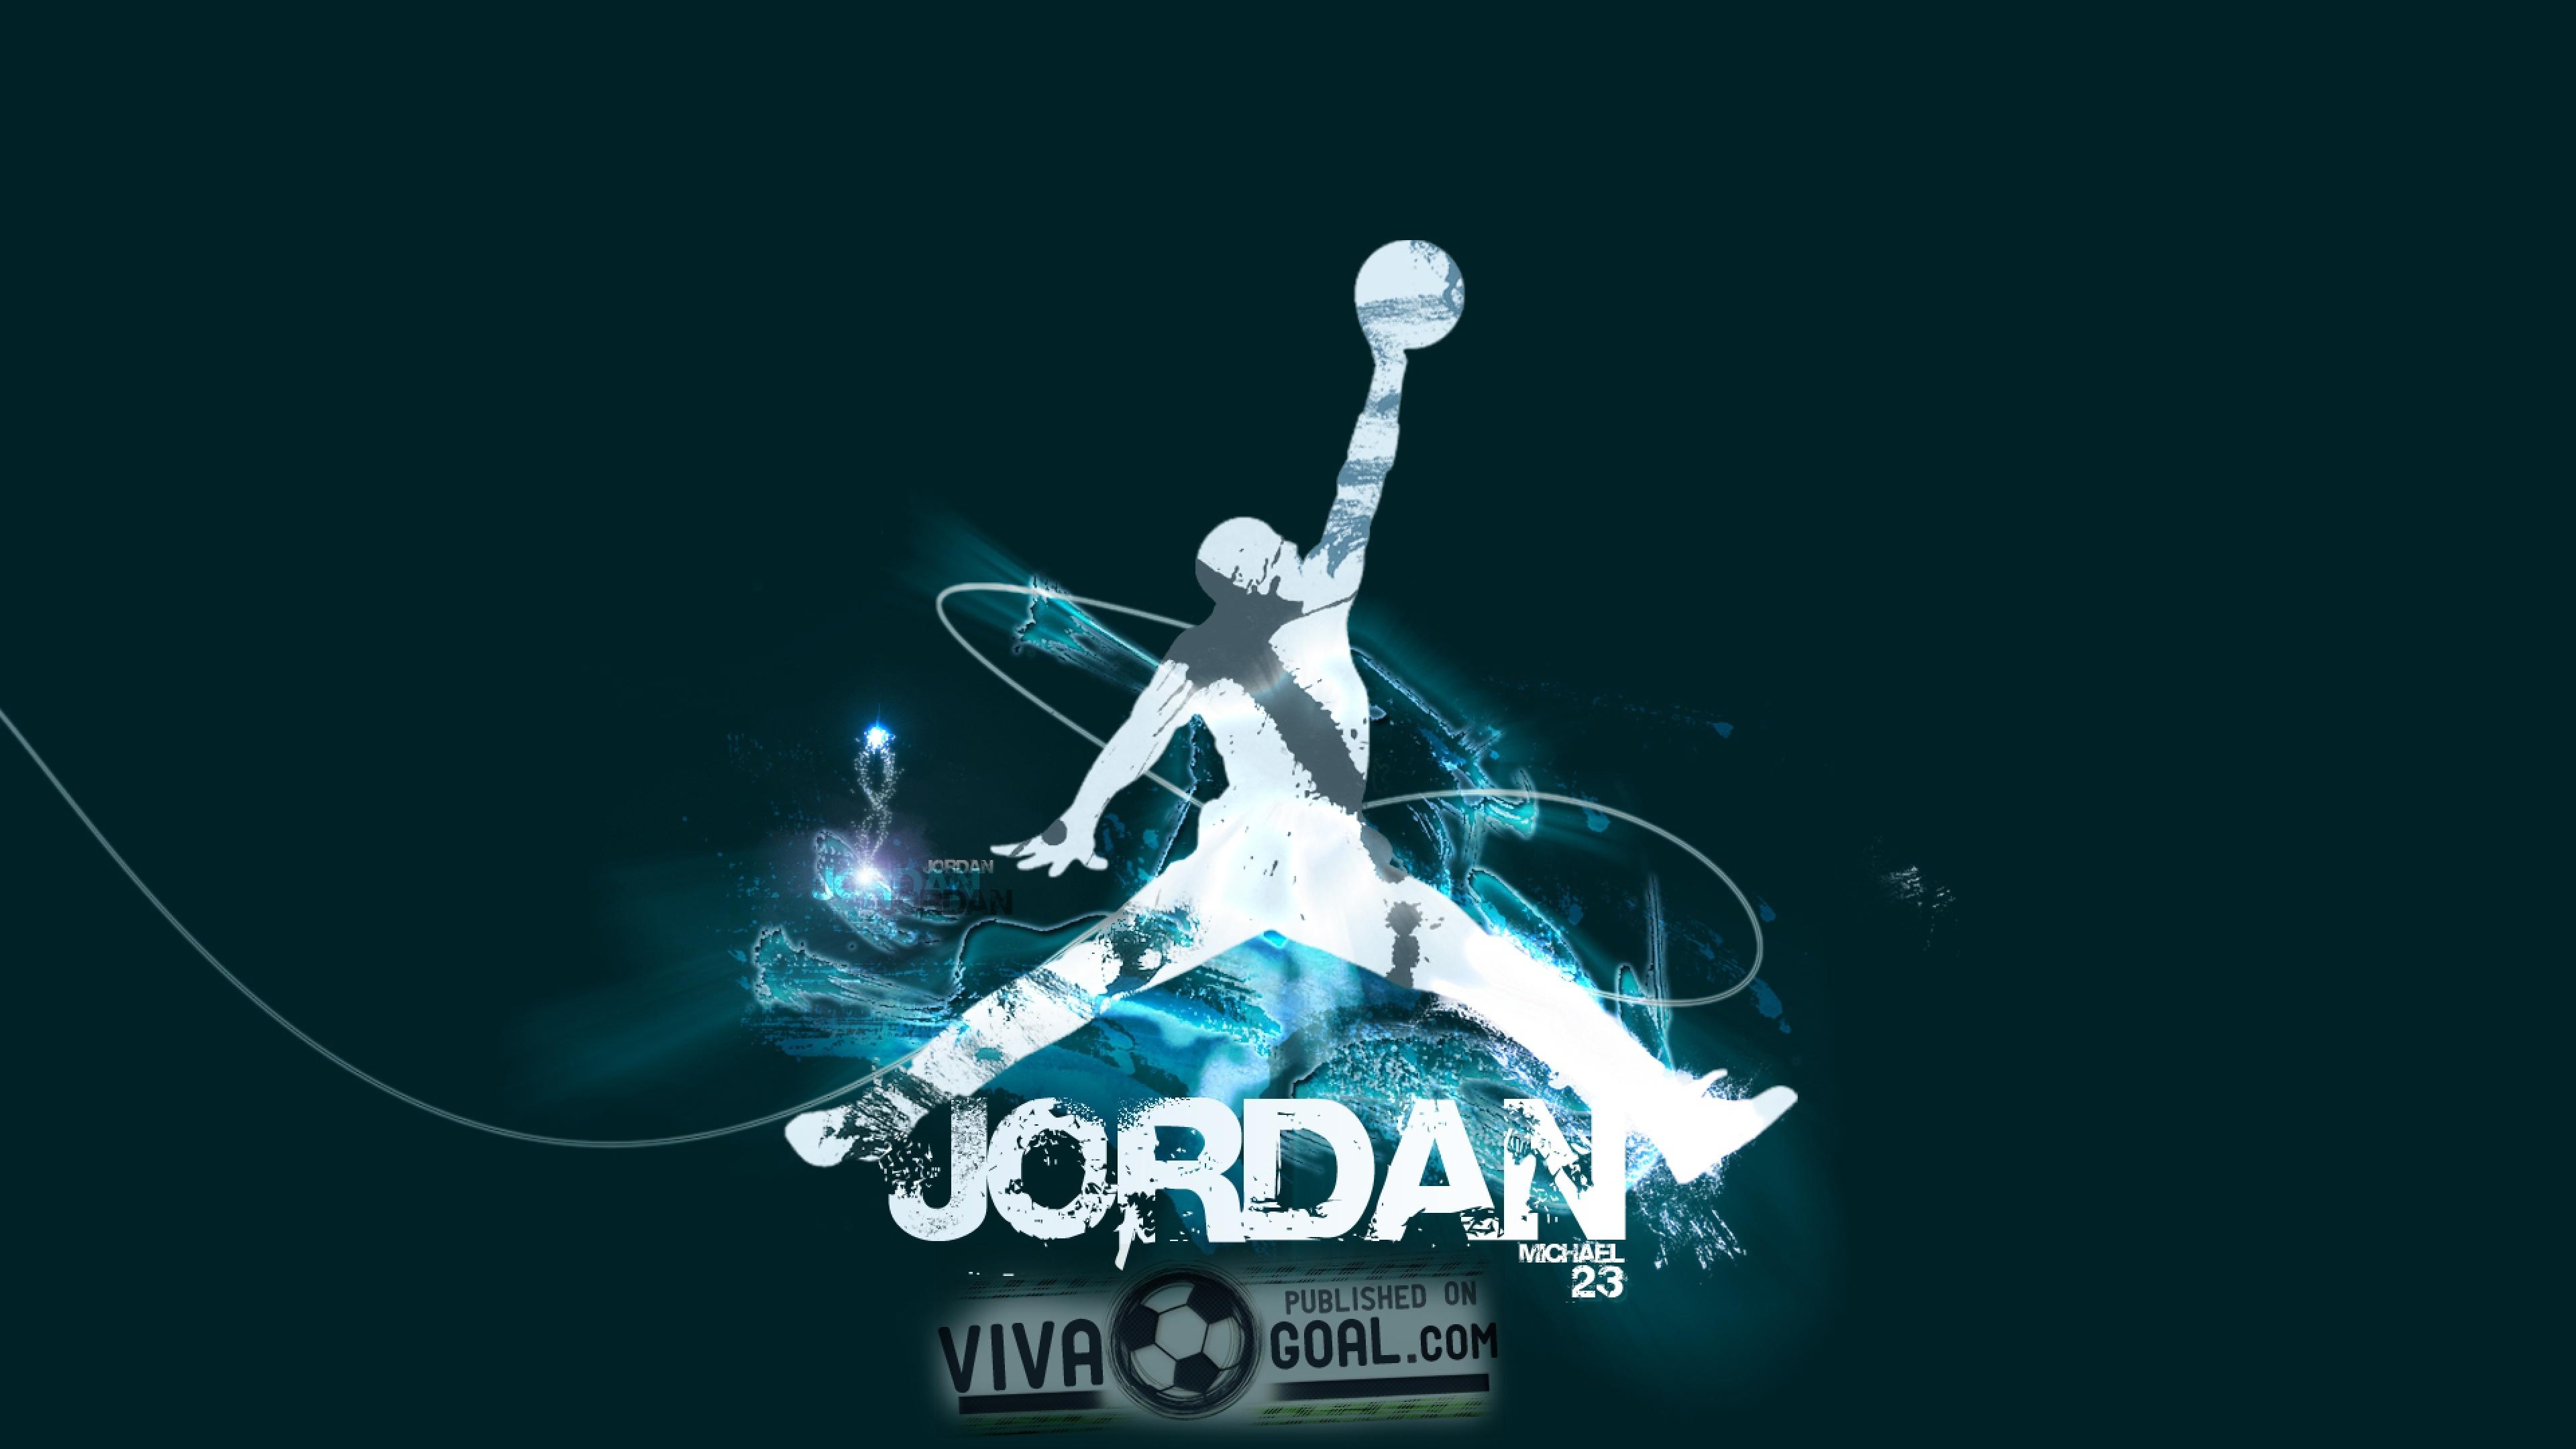 jordan Basketball Ball Sport Wallpaper Background 4K Ultra HD 3840x2160